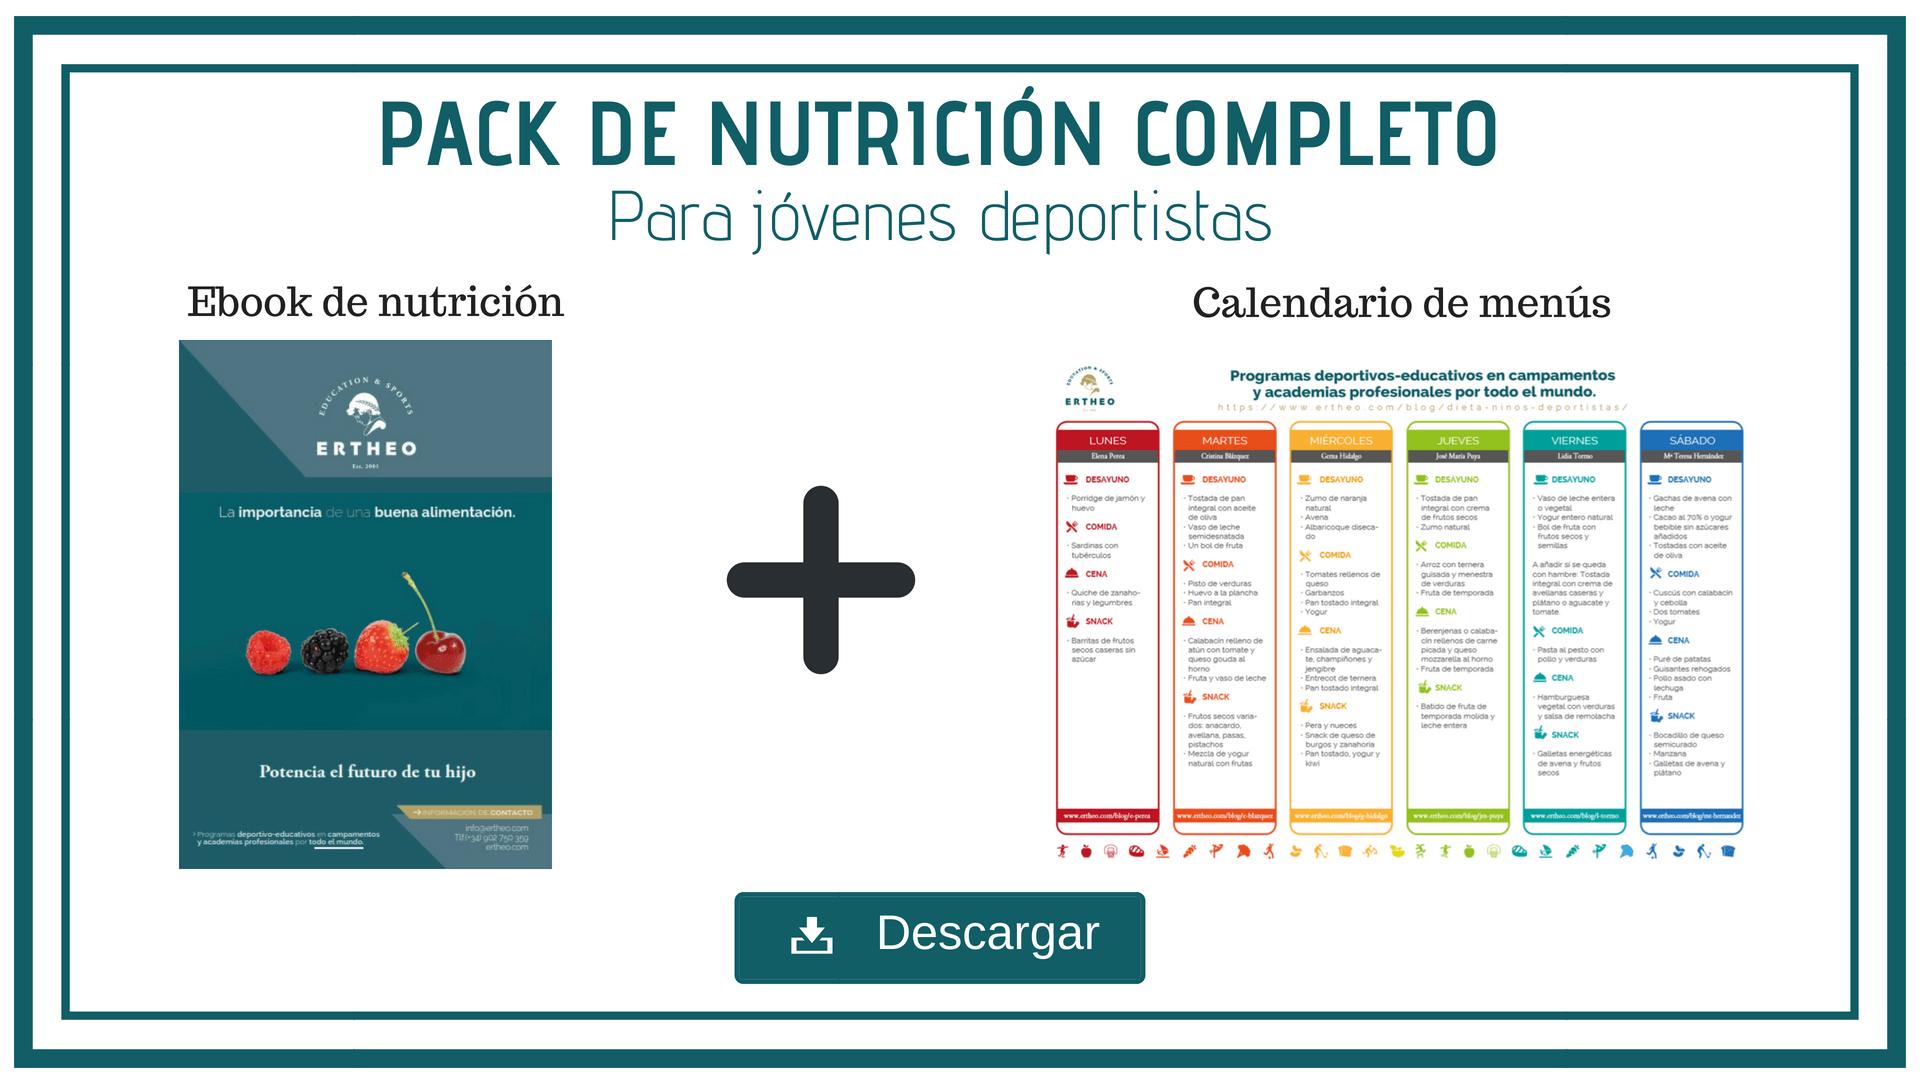 Pack de nutrición completo 1 - ¿Tienes dificultades para hacer una dieta para niños deportistas? - Descubre este plan mensual de comidas gratis